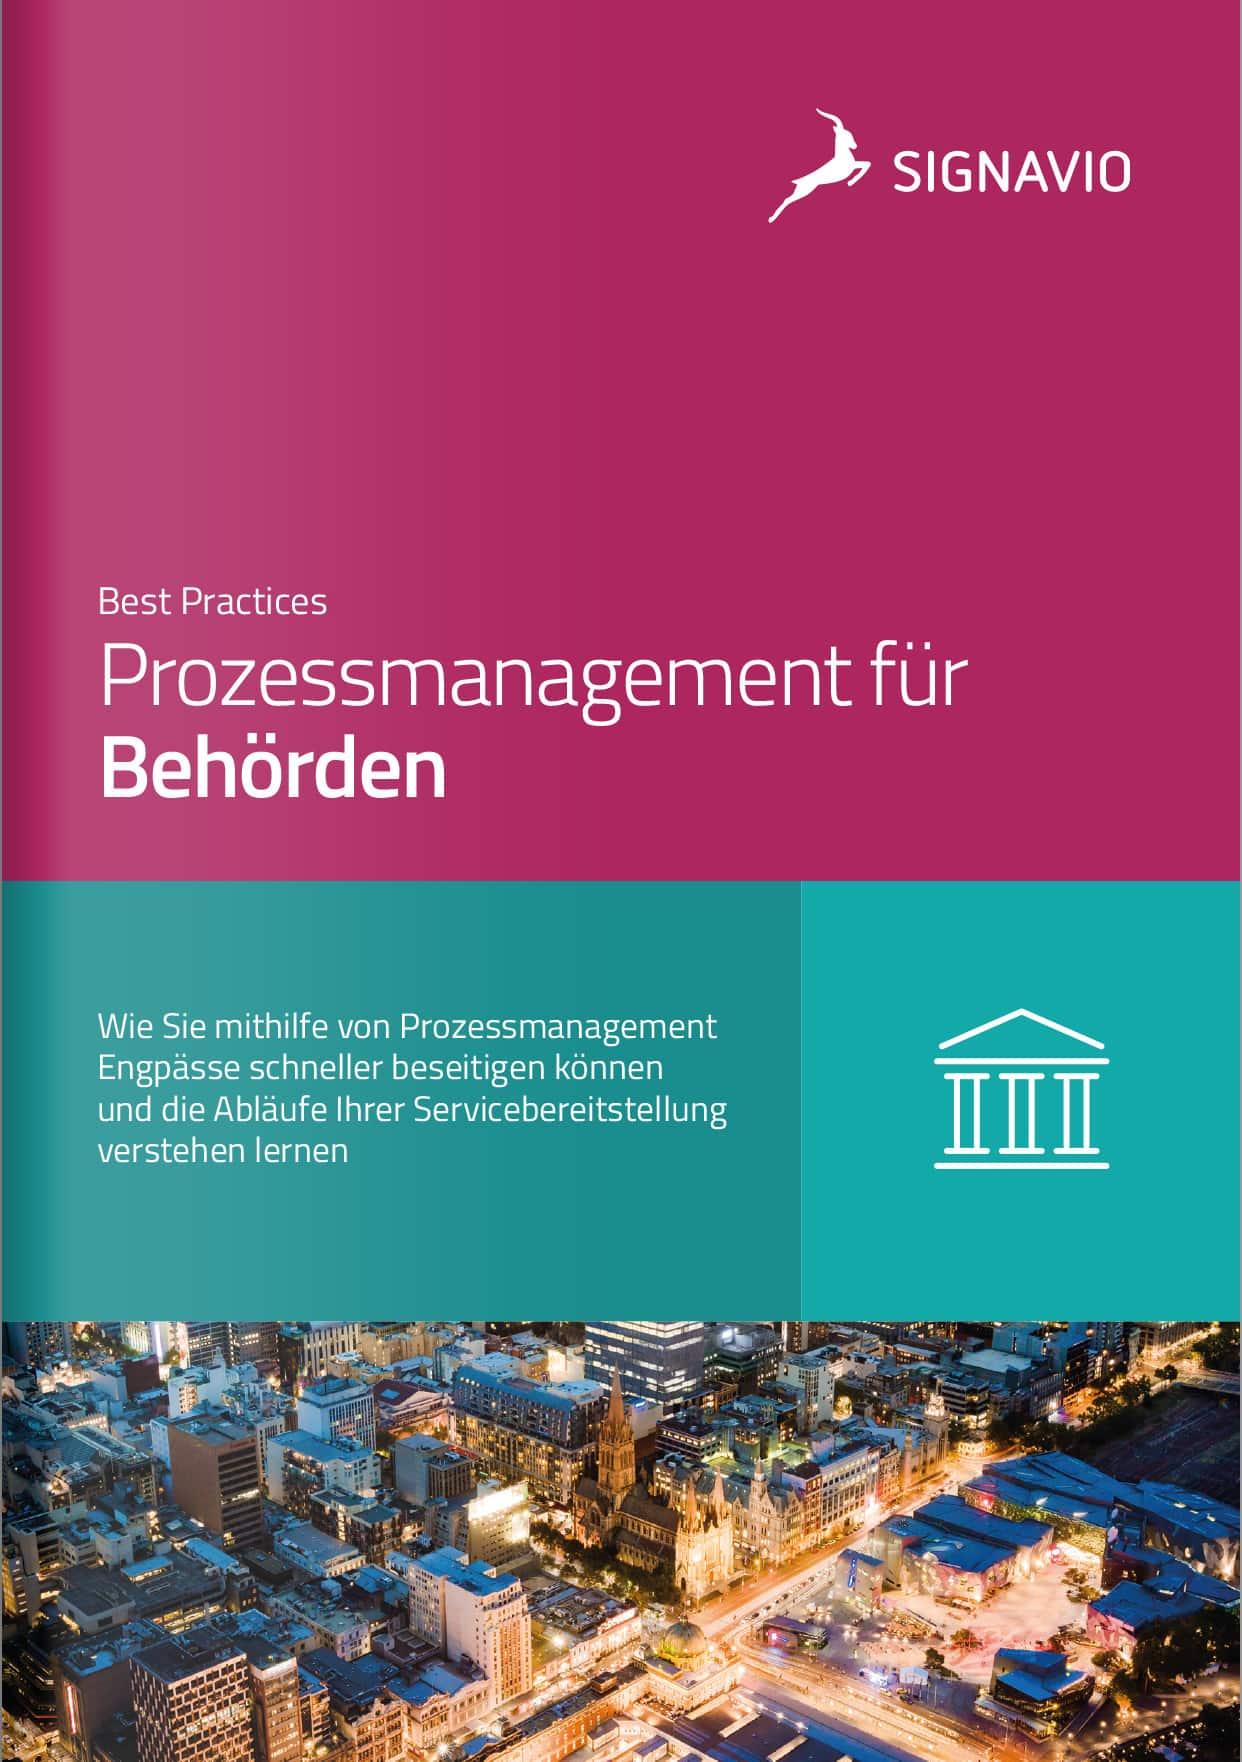 Prozessmanagement für Behörden_Best Practices_Titelbild